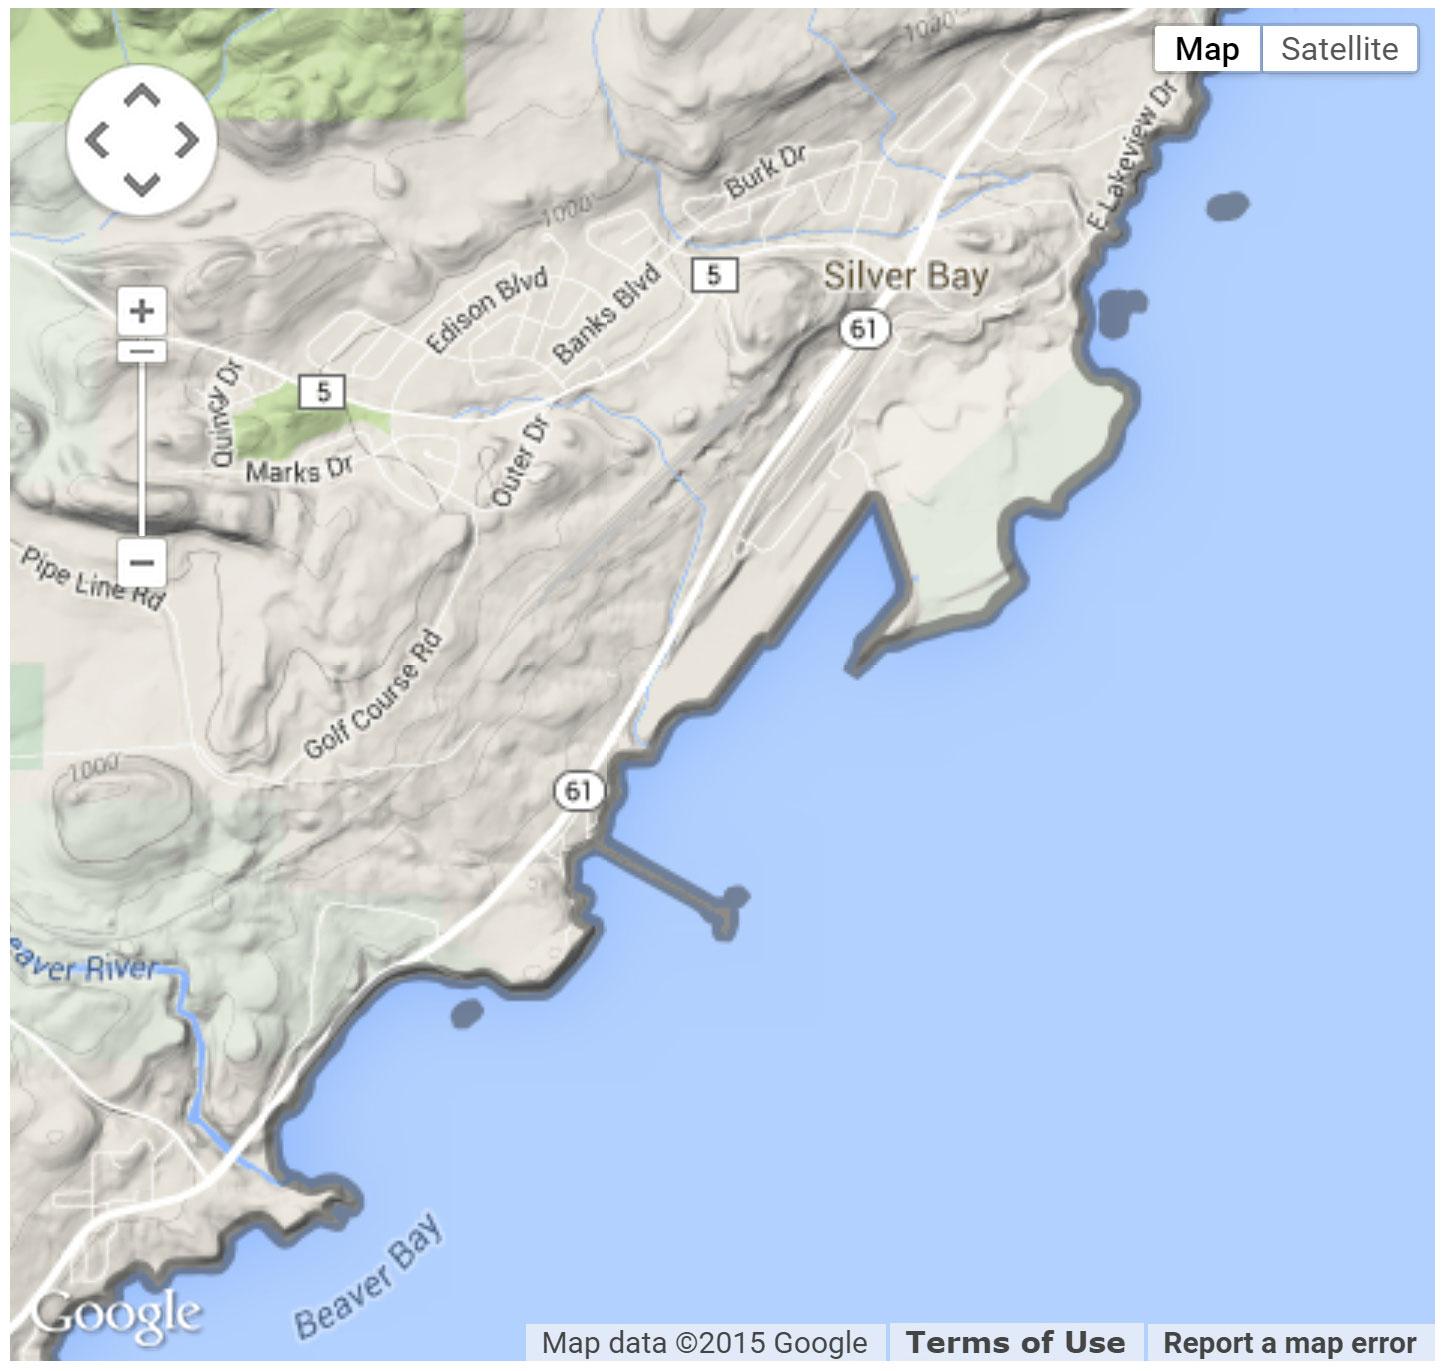 Silver Bay Marina location map.